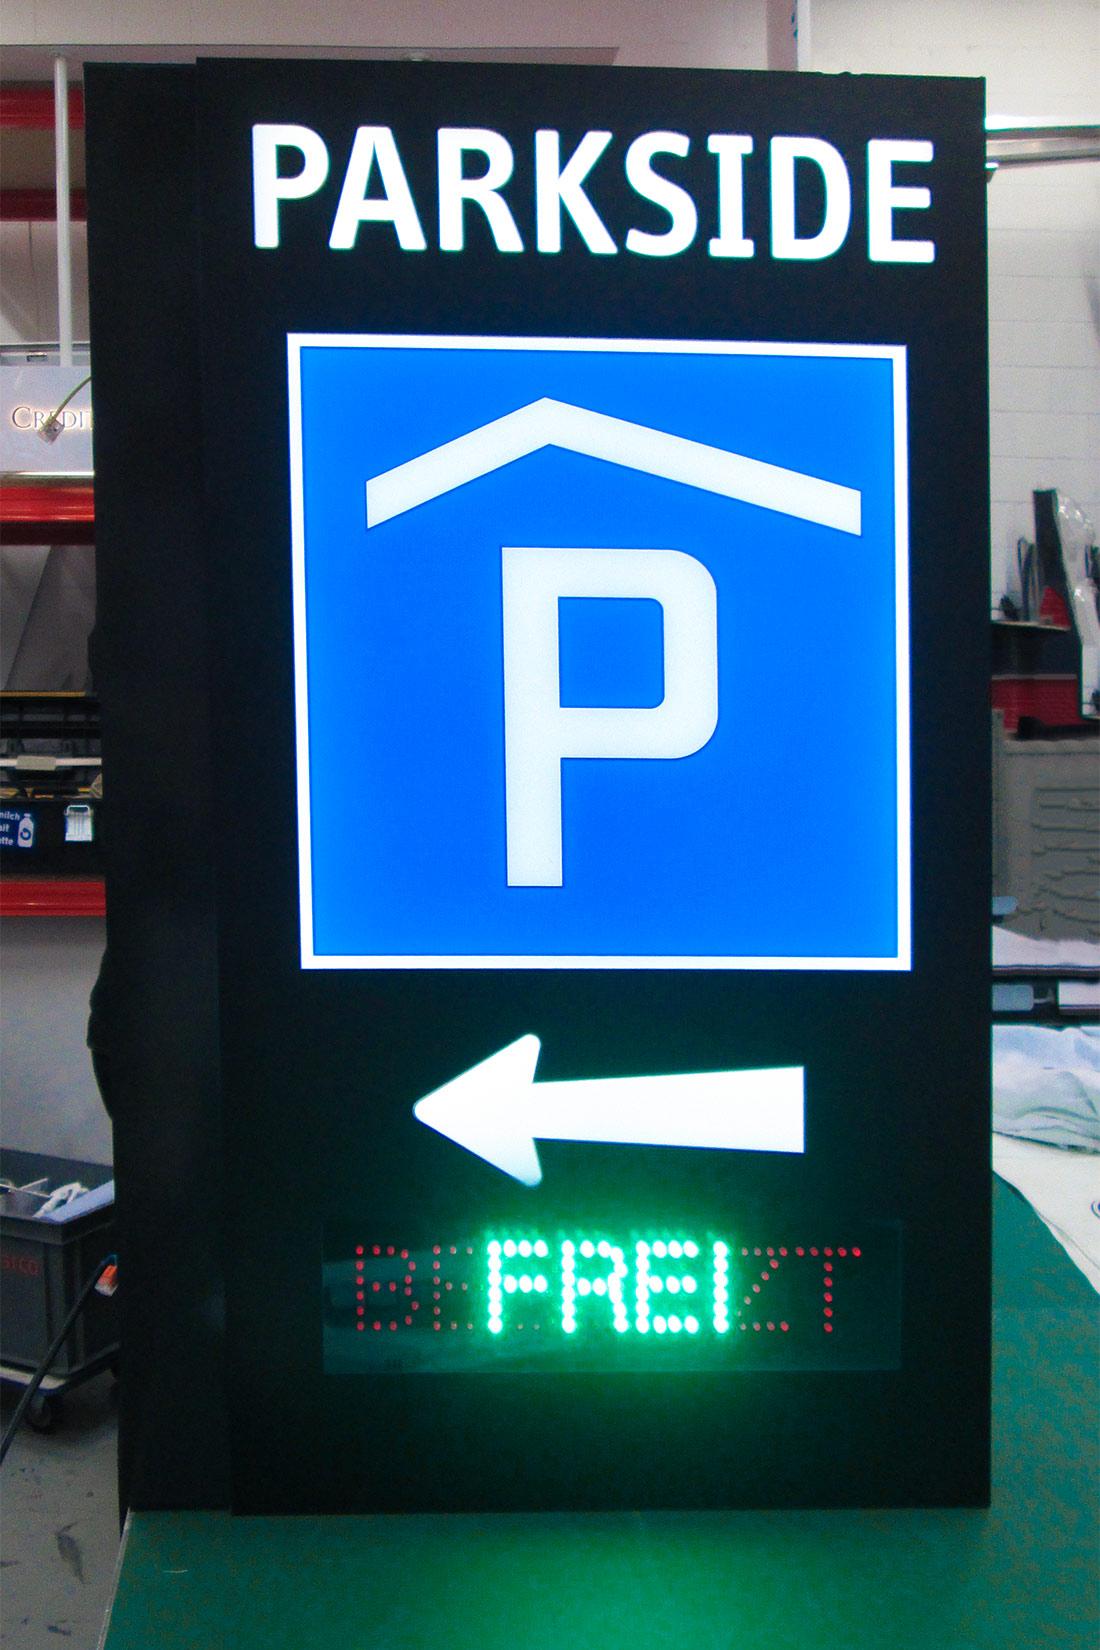 Leuchtwerbung Parkside: LED Beleuchtetes Parkhausschild mit Frei/Besetzt Anzeige